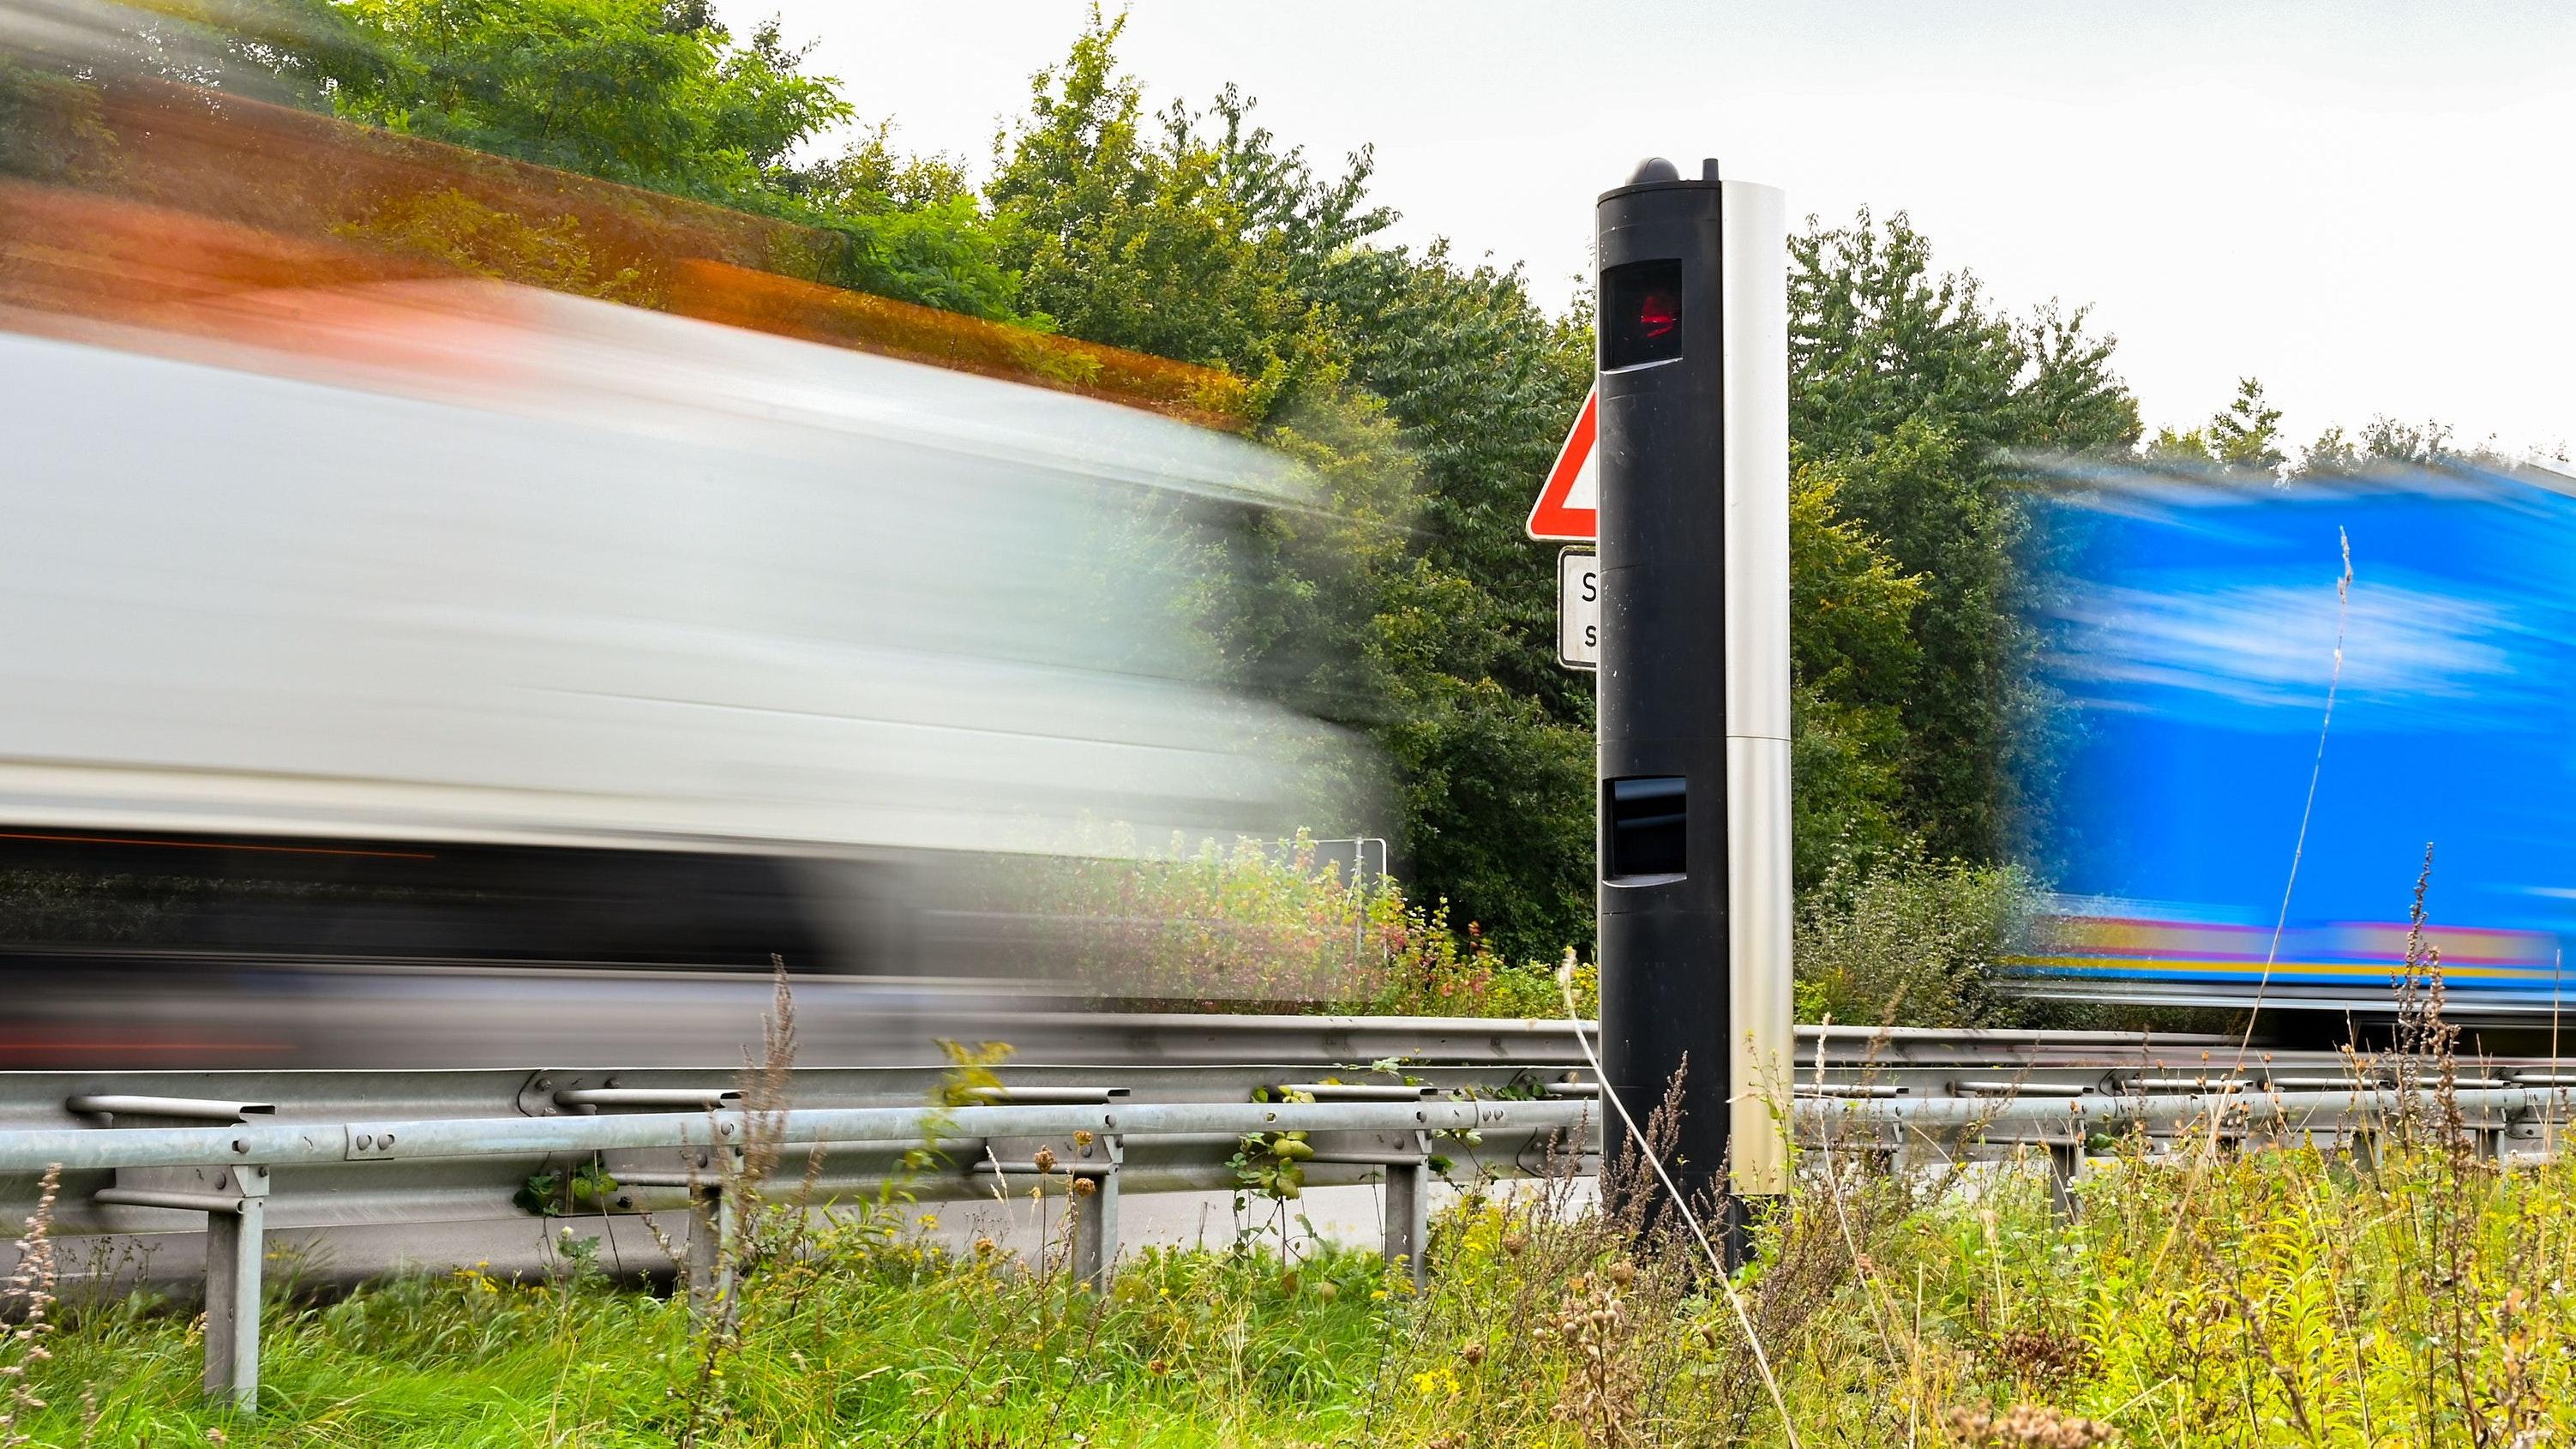 Stationäre Blitzer waren weiter im Betrieb: Die mobilen Messungen wurden hingegen ausgesetzt.  Foto: Hermes